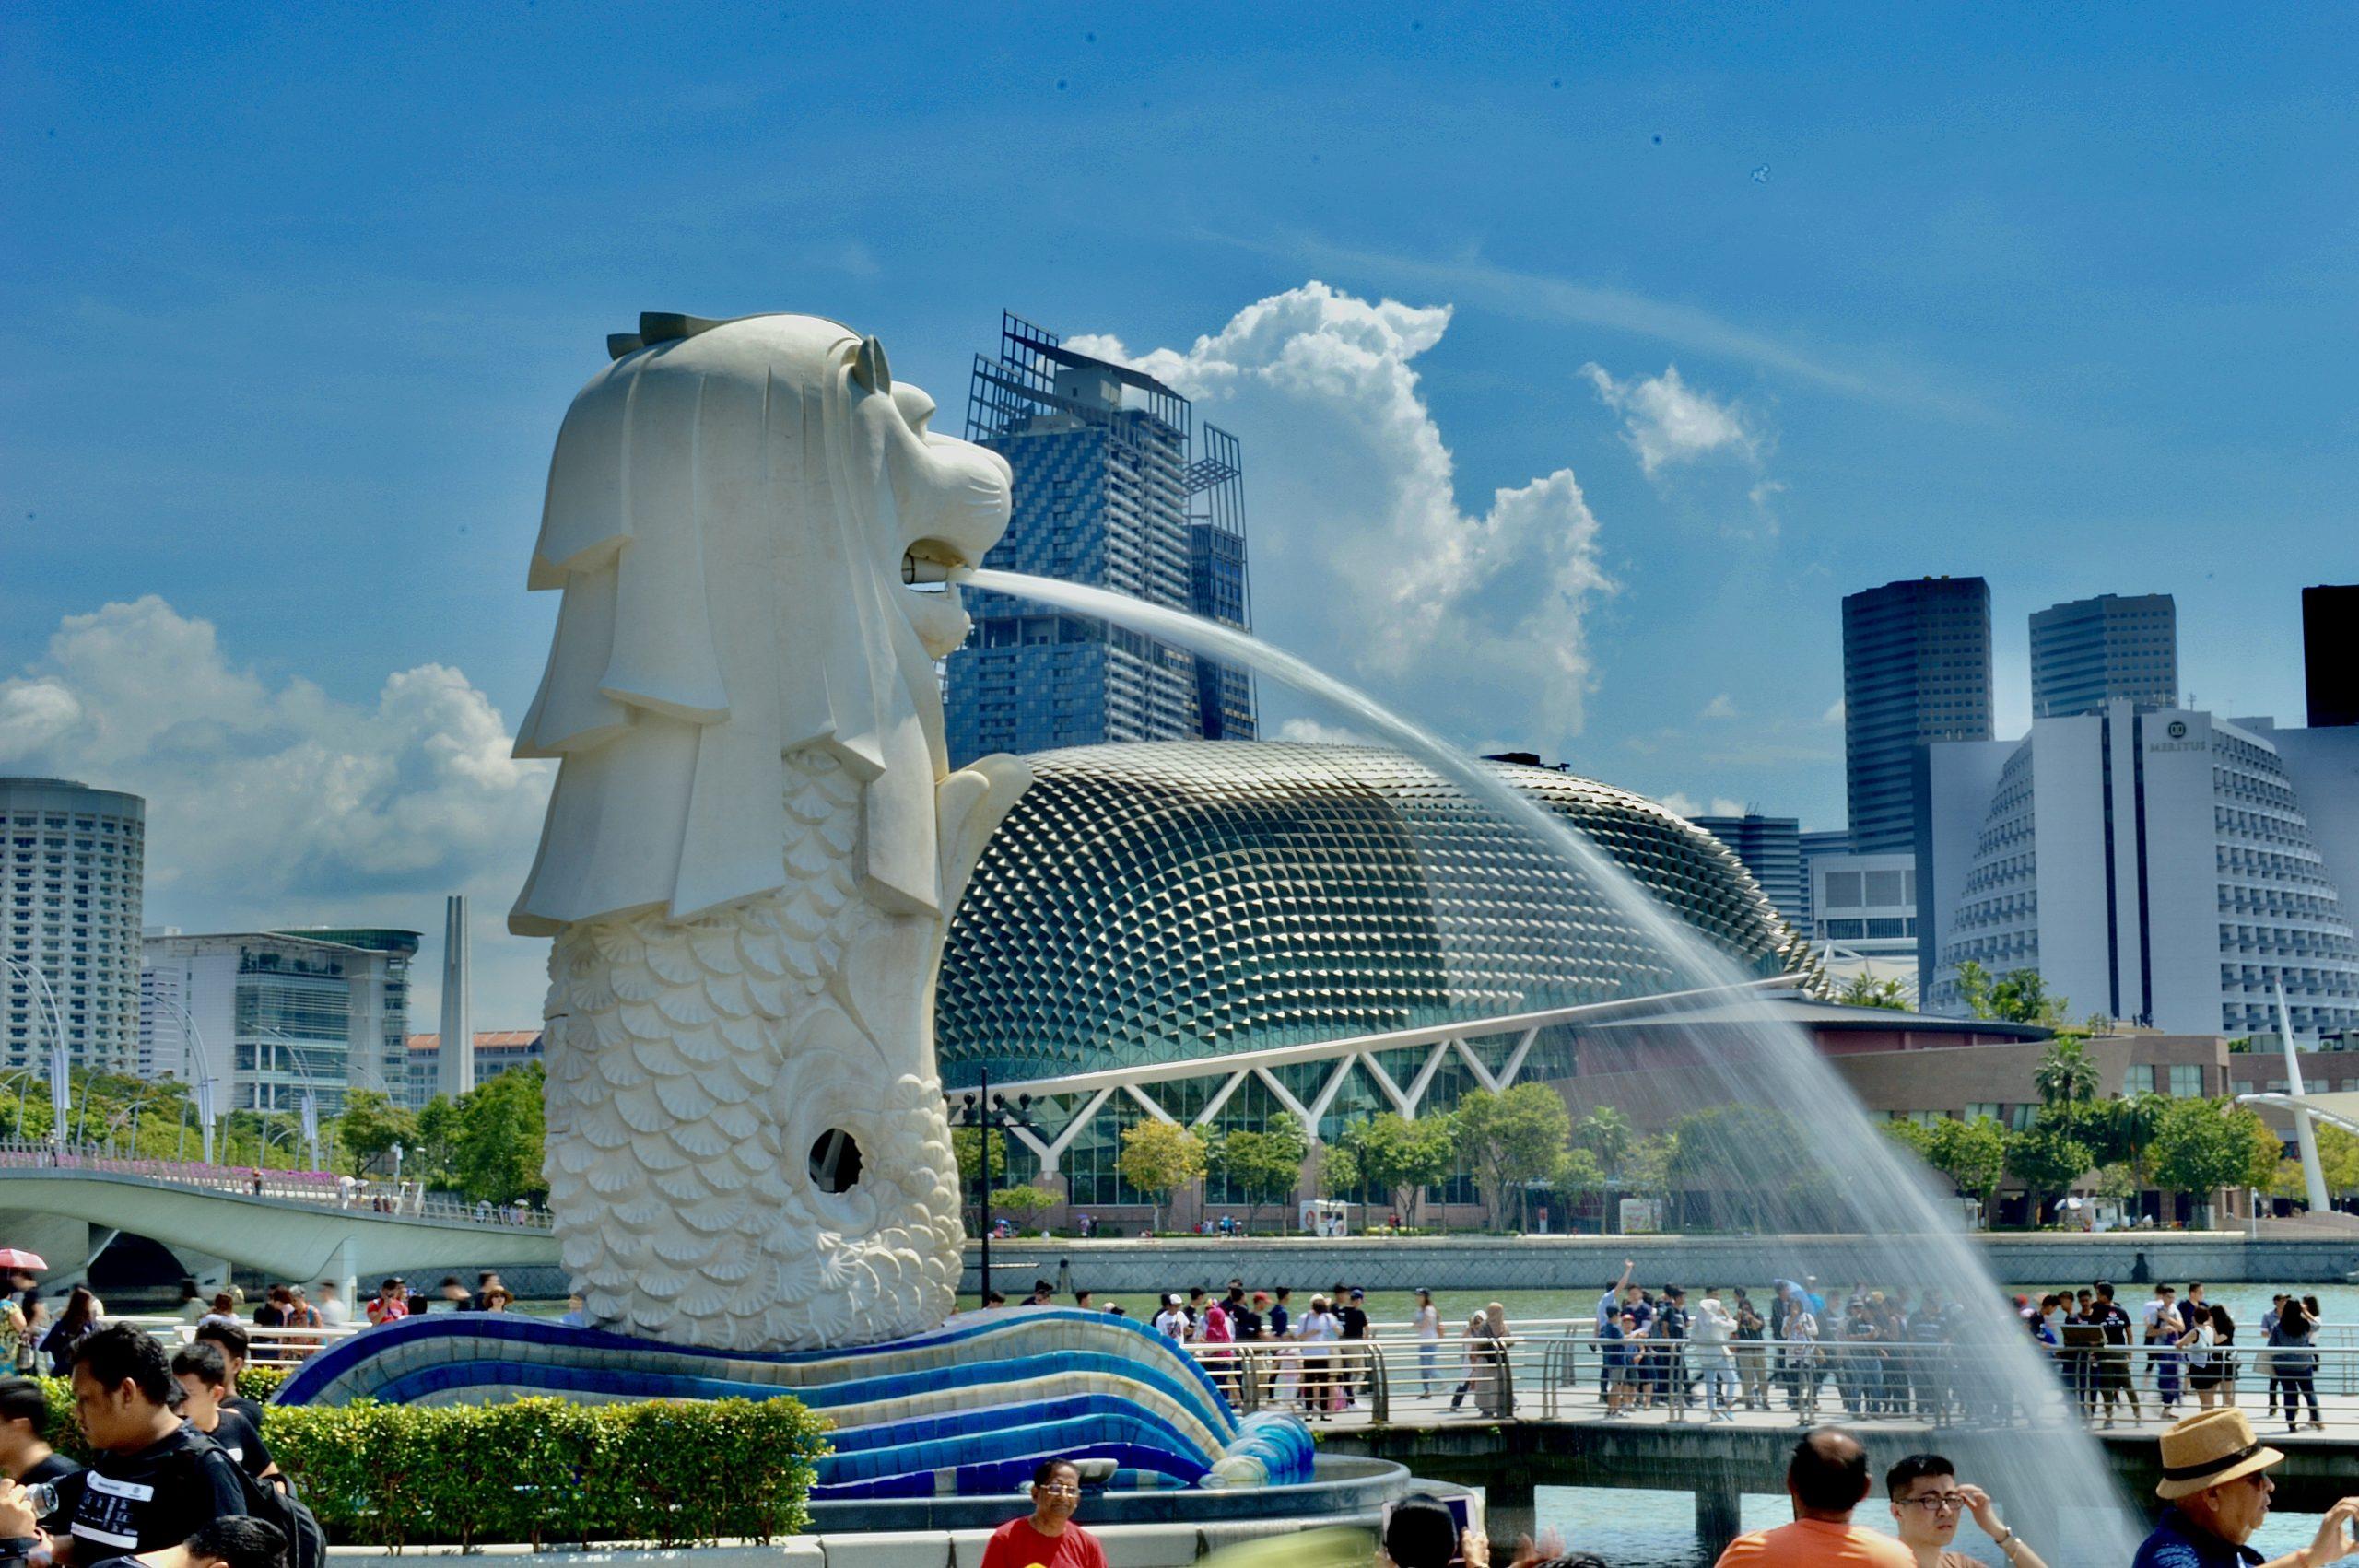 Merlion at Singapore